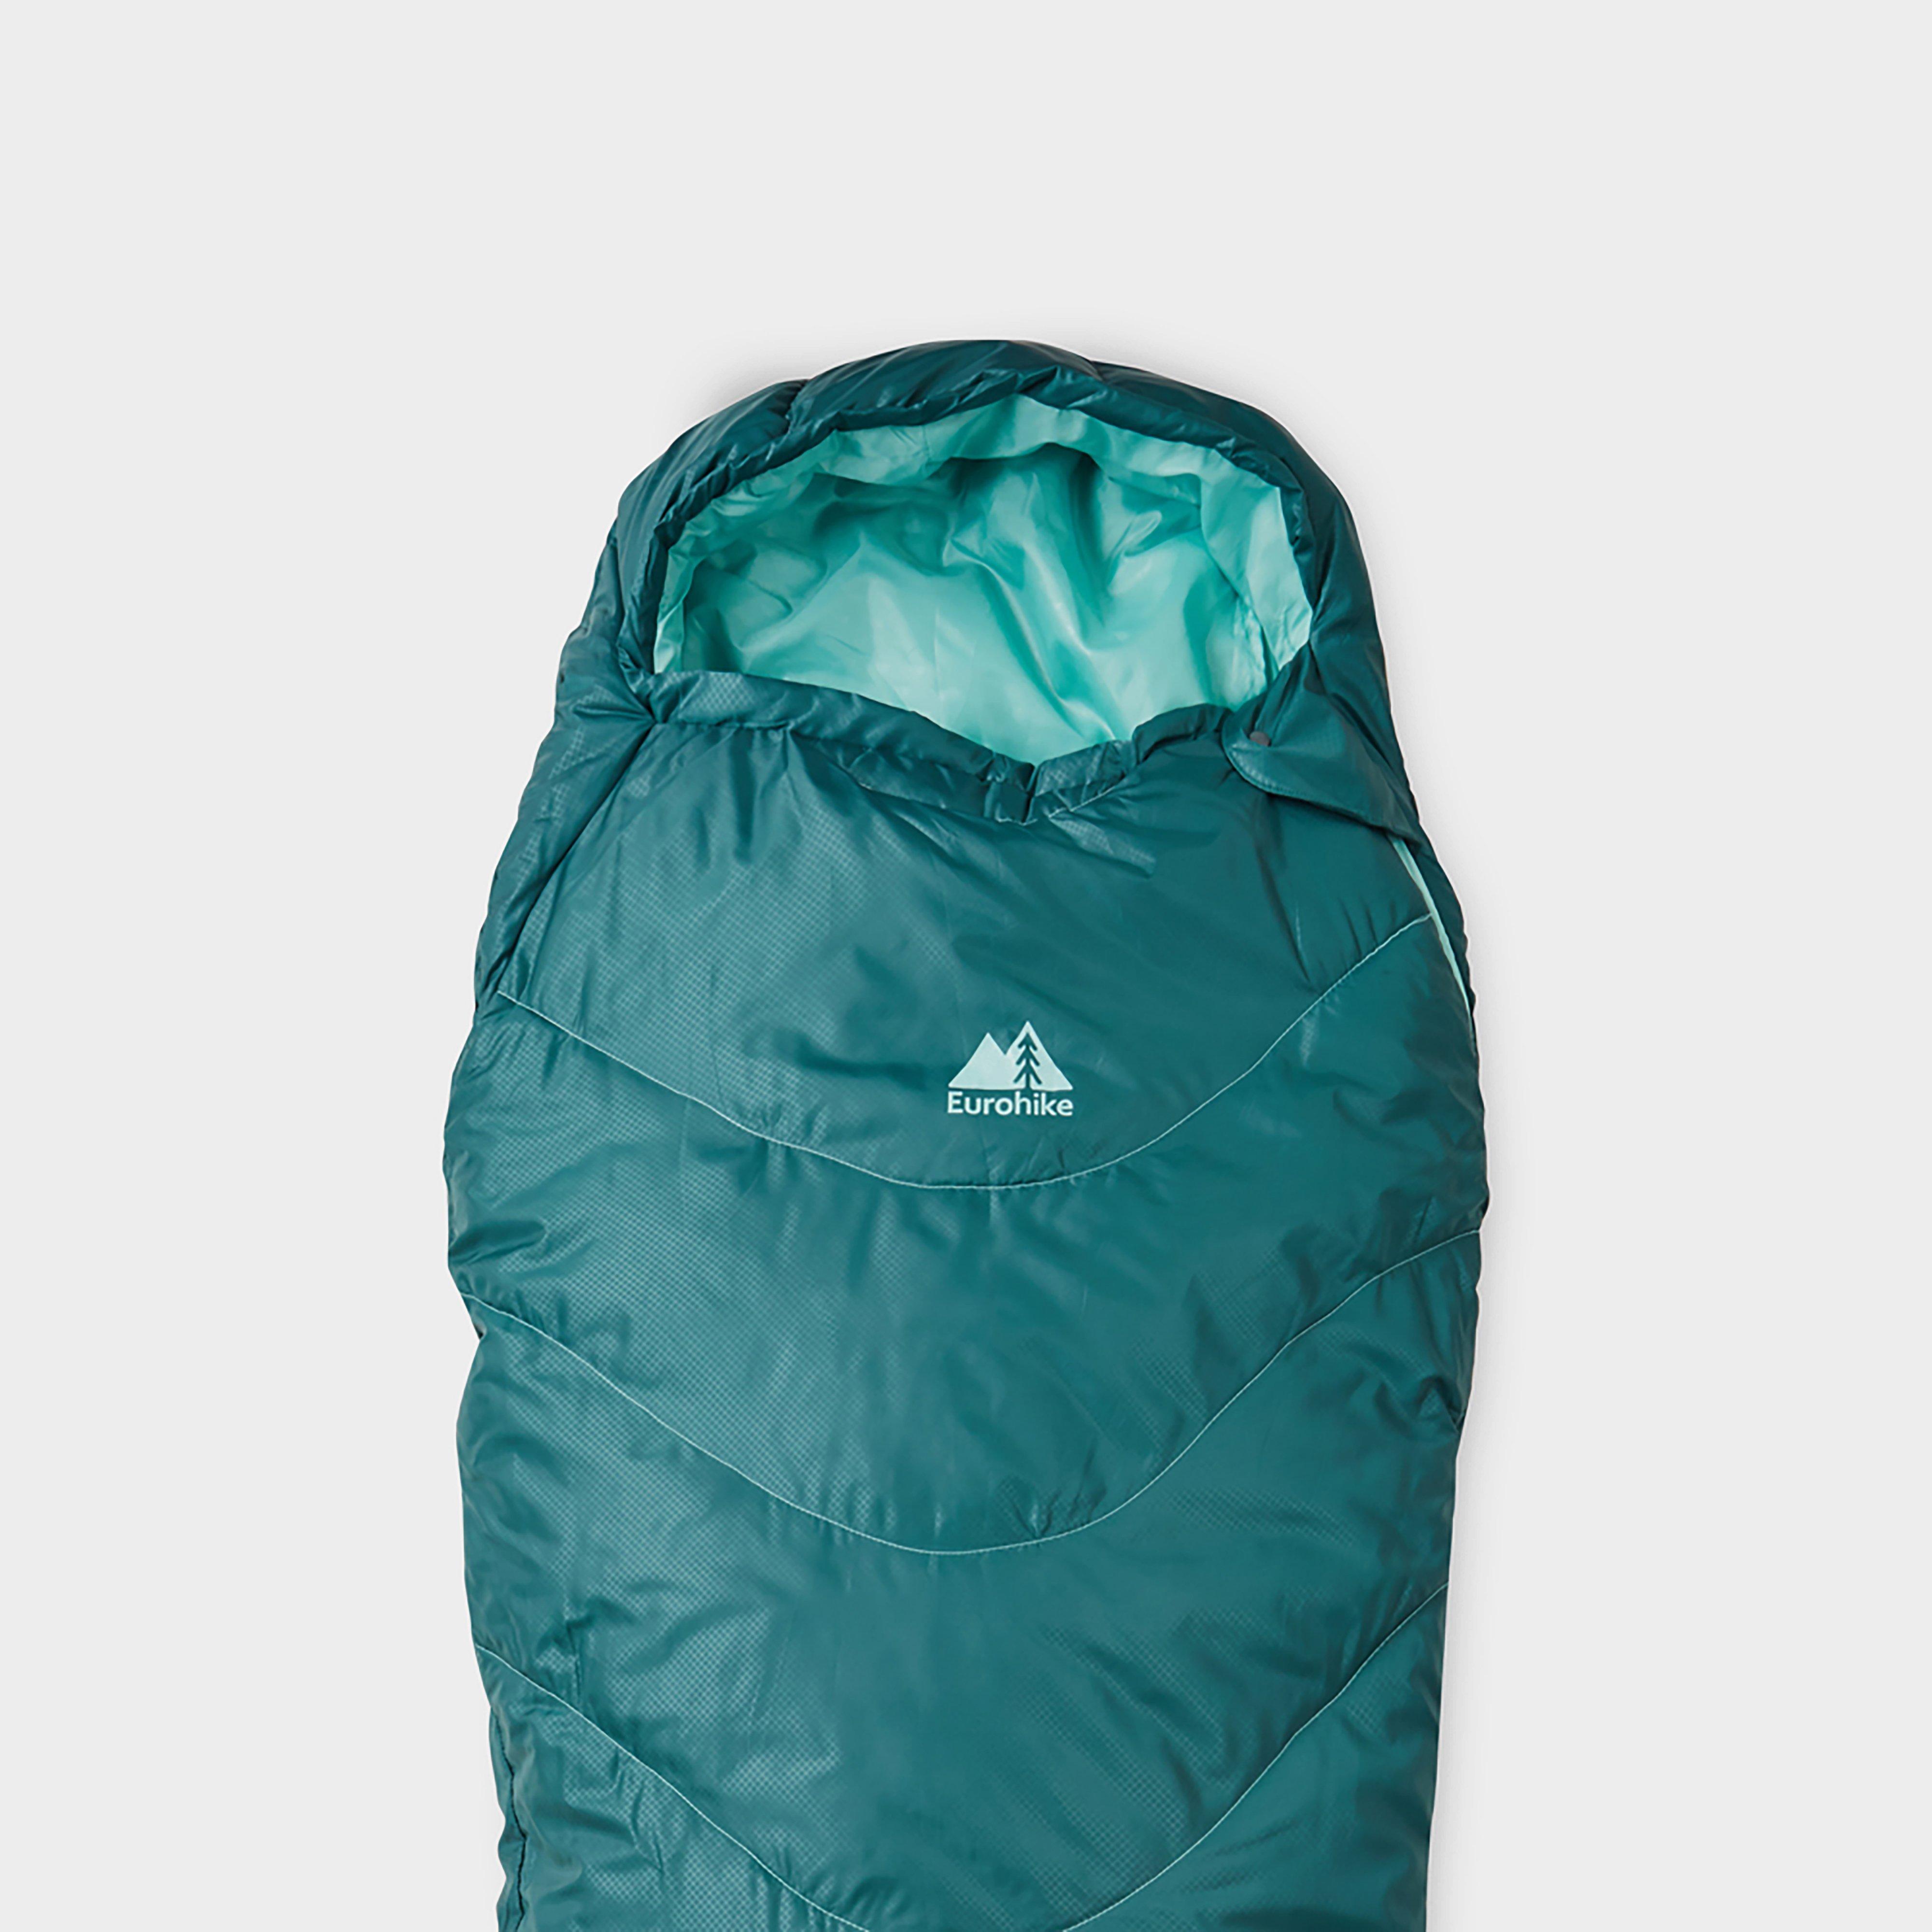 Eurohike Eurohike Adventurer Youth Sleeping Bag - Blue, Blue